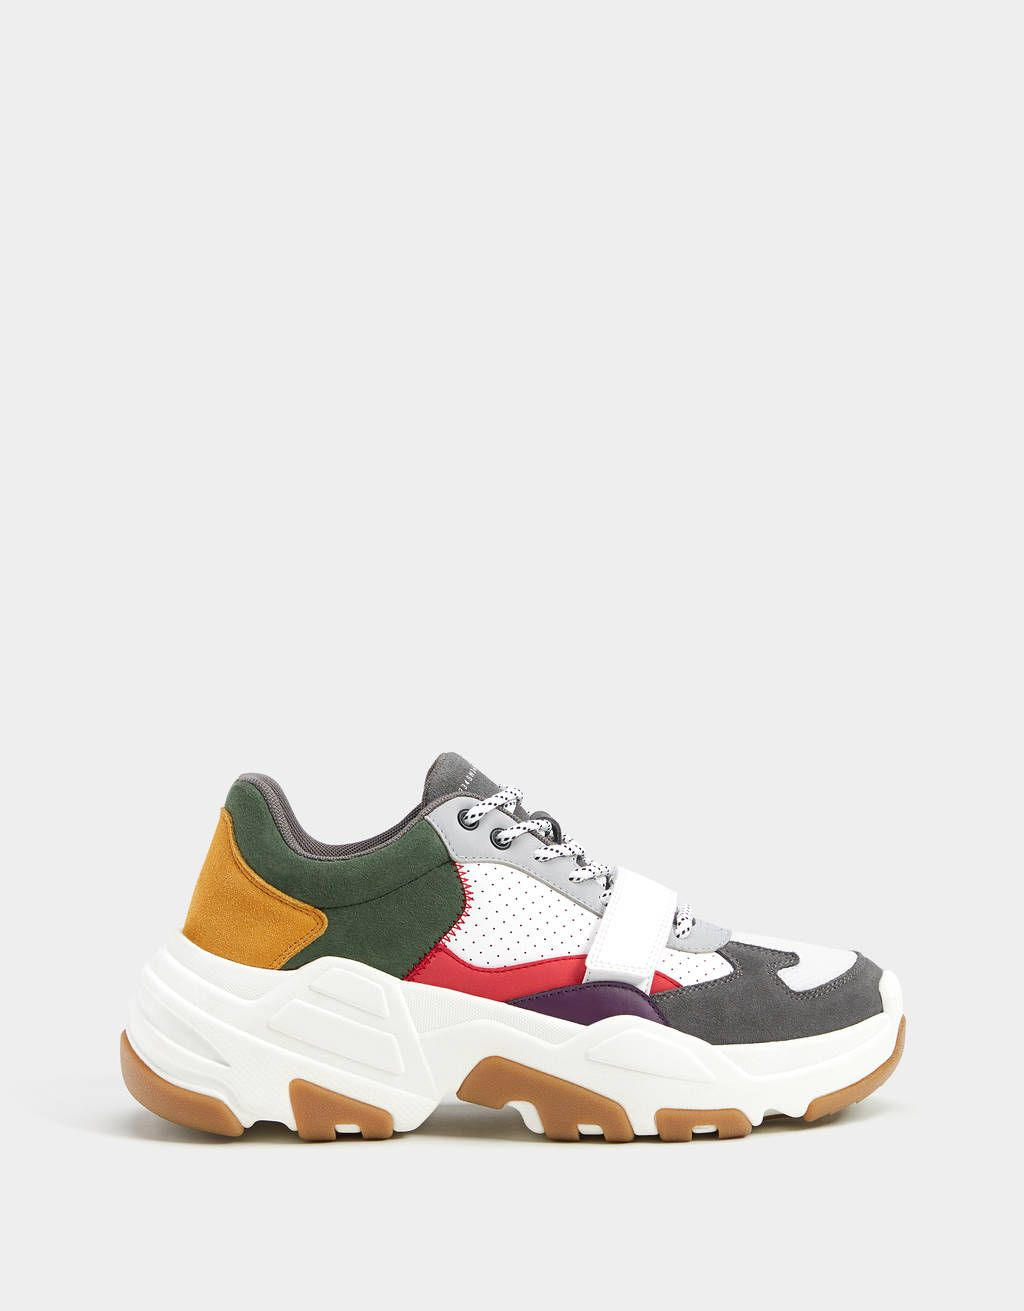 coola sneakers herr